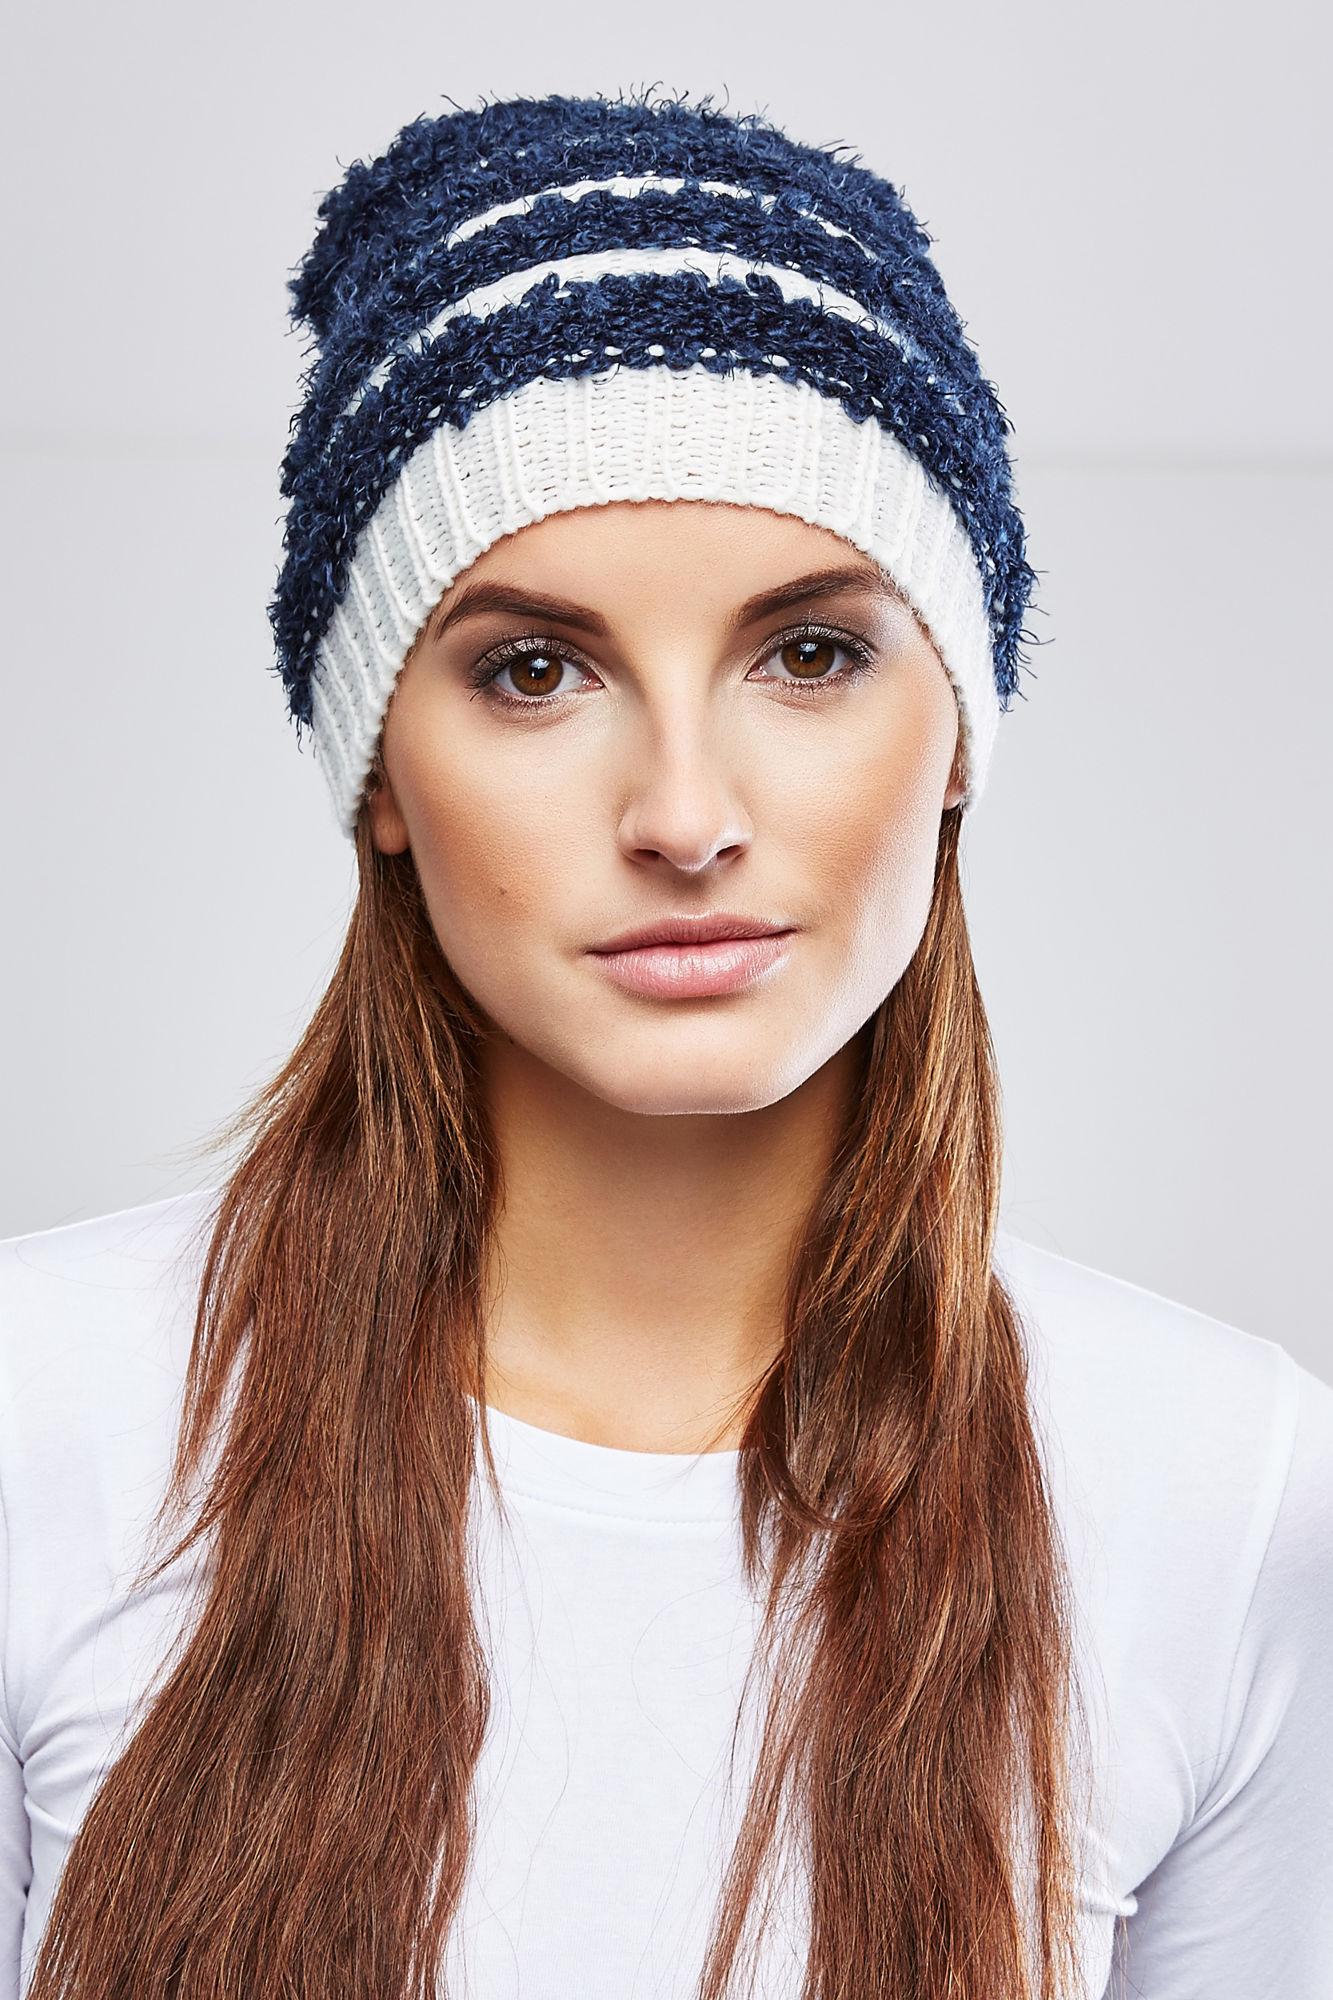 Шапка женская Moodo, цвет: темно-синий, белый. Z-CZ-1808. Размер универсальный футболка женская moodo цвет белый сиреневый серый l ts 2045 white размер m 46